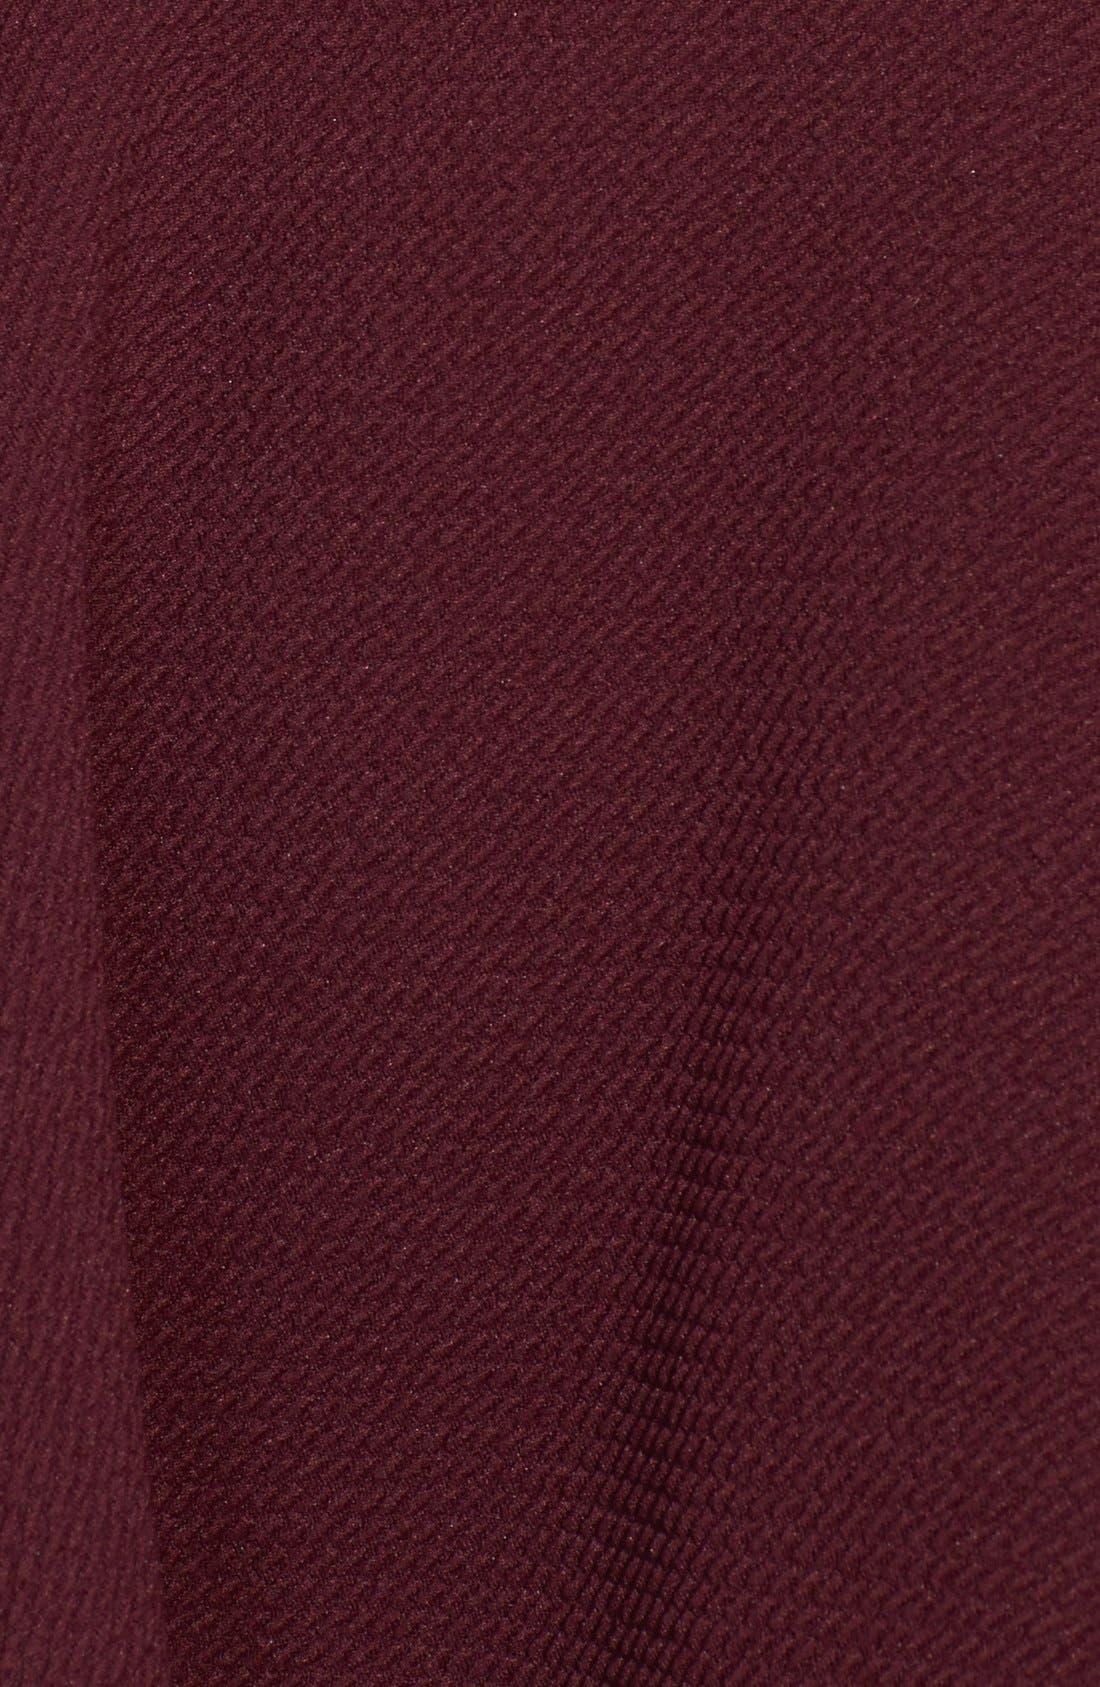 Alternate Image 3  - Lush Textured Skater Skirt